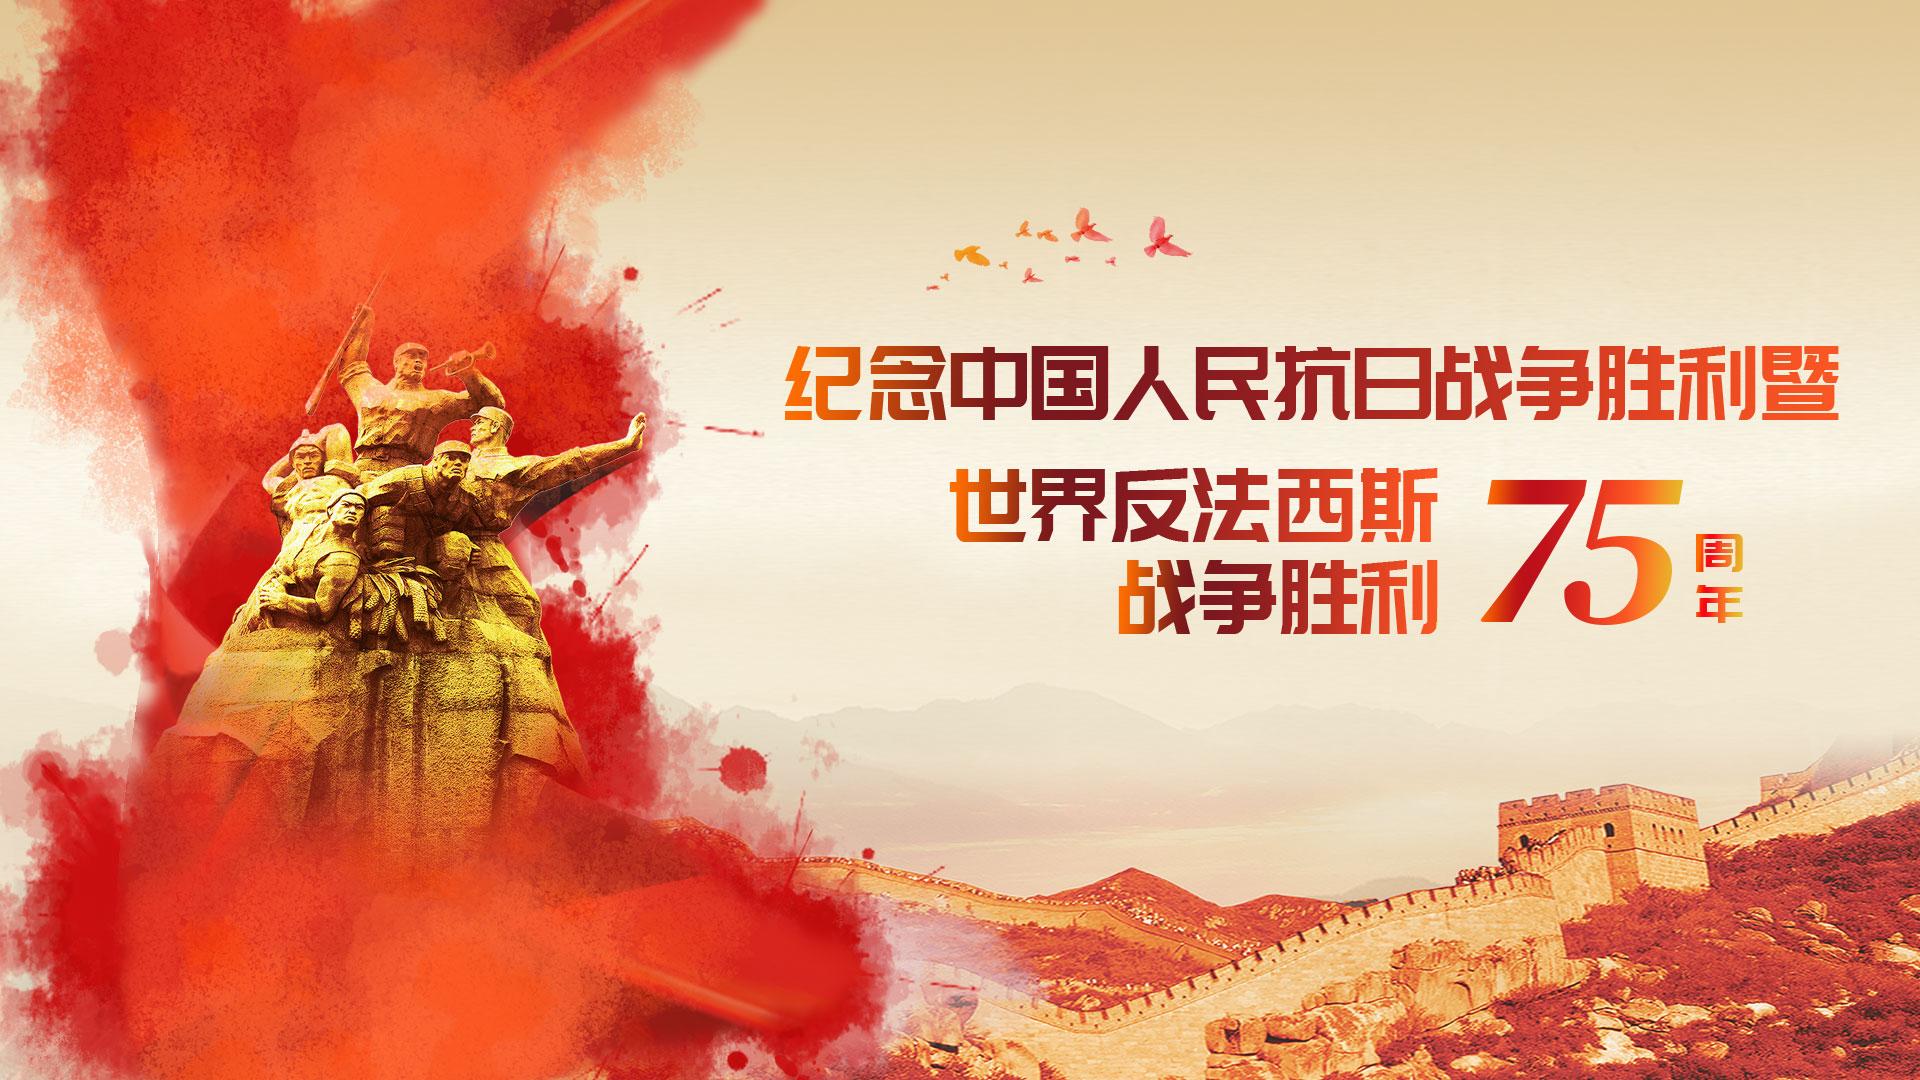 纪念中国人民抗日战争胜利暨世界反法西斯战争胜利七十五周年